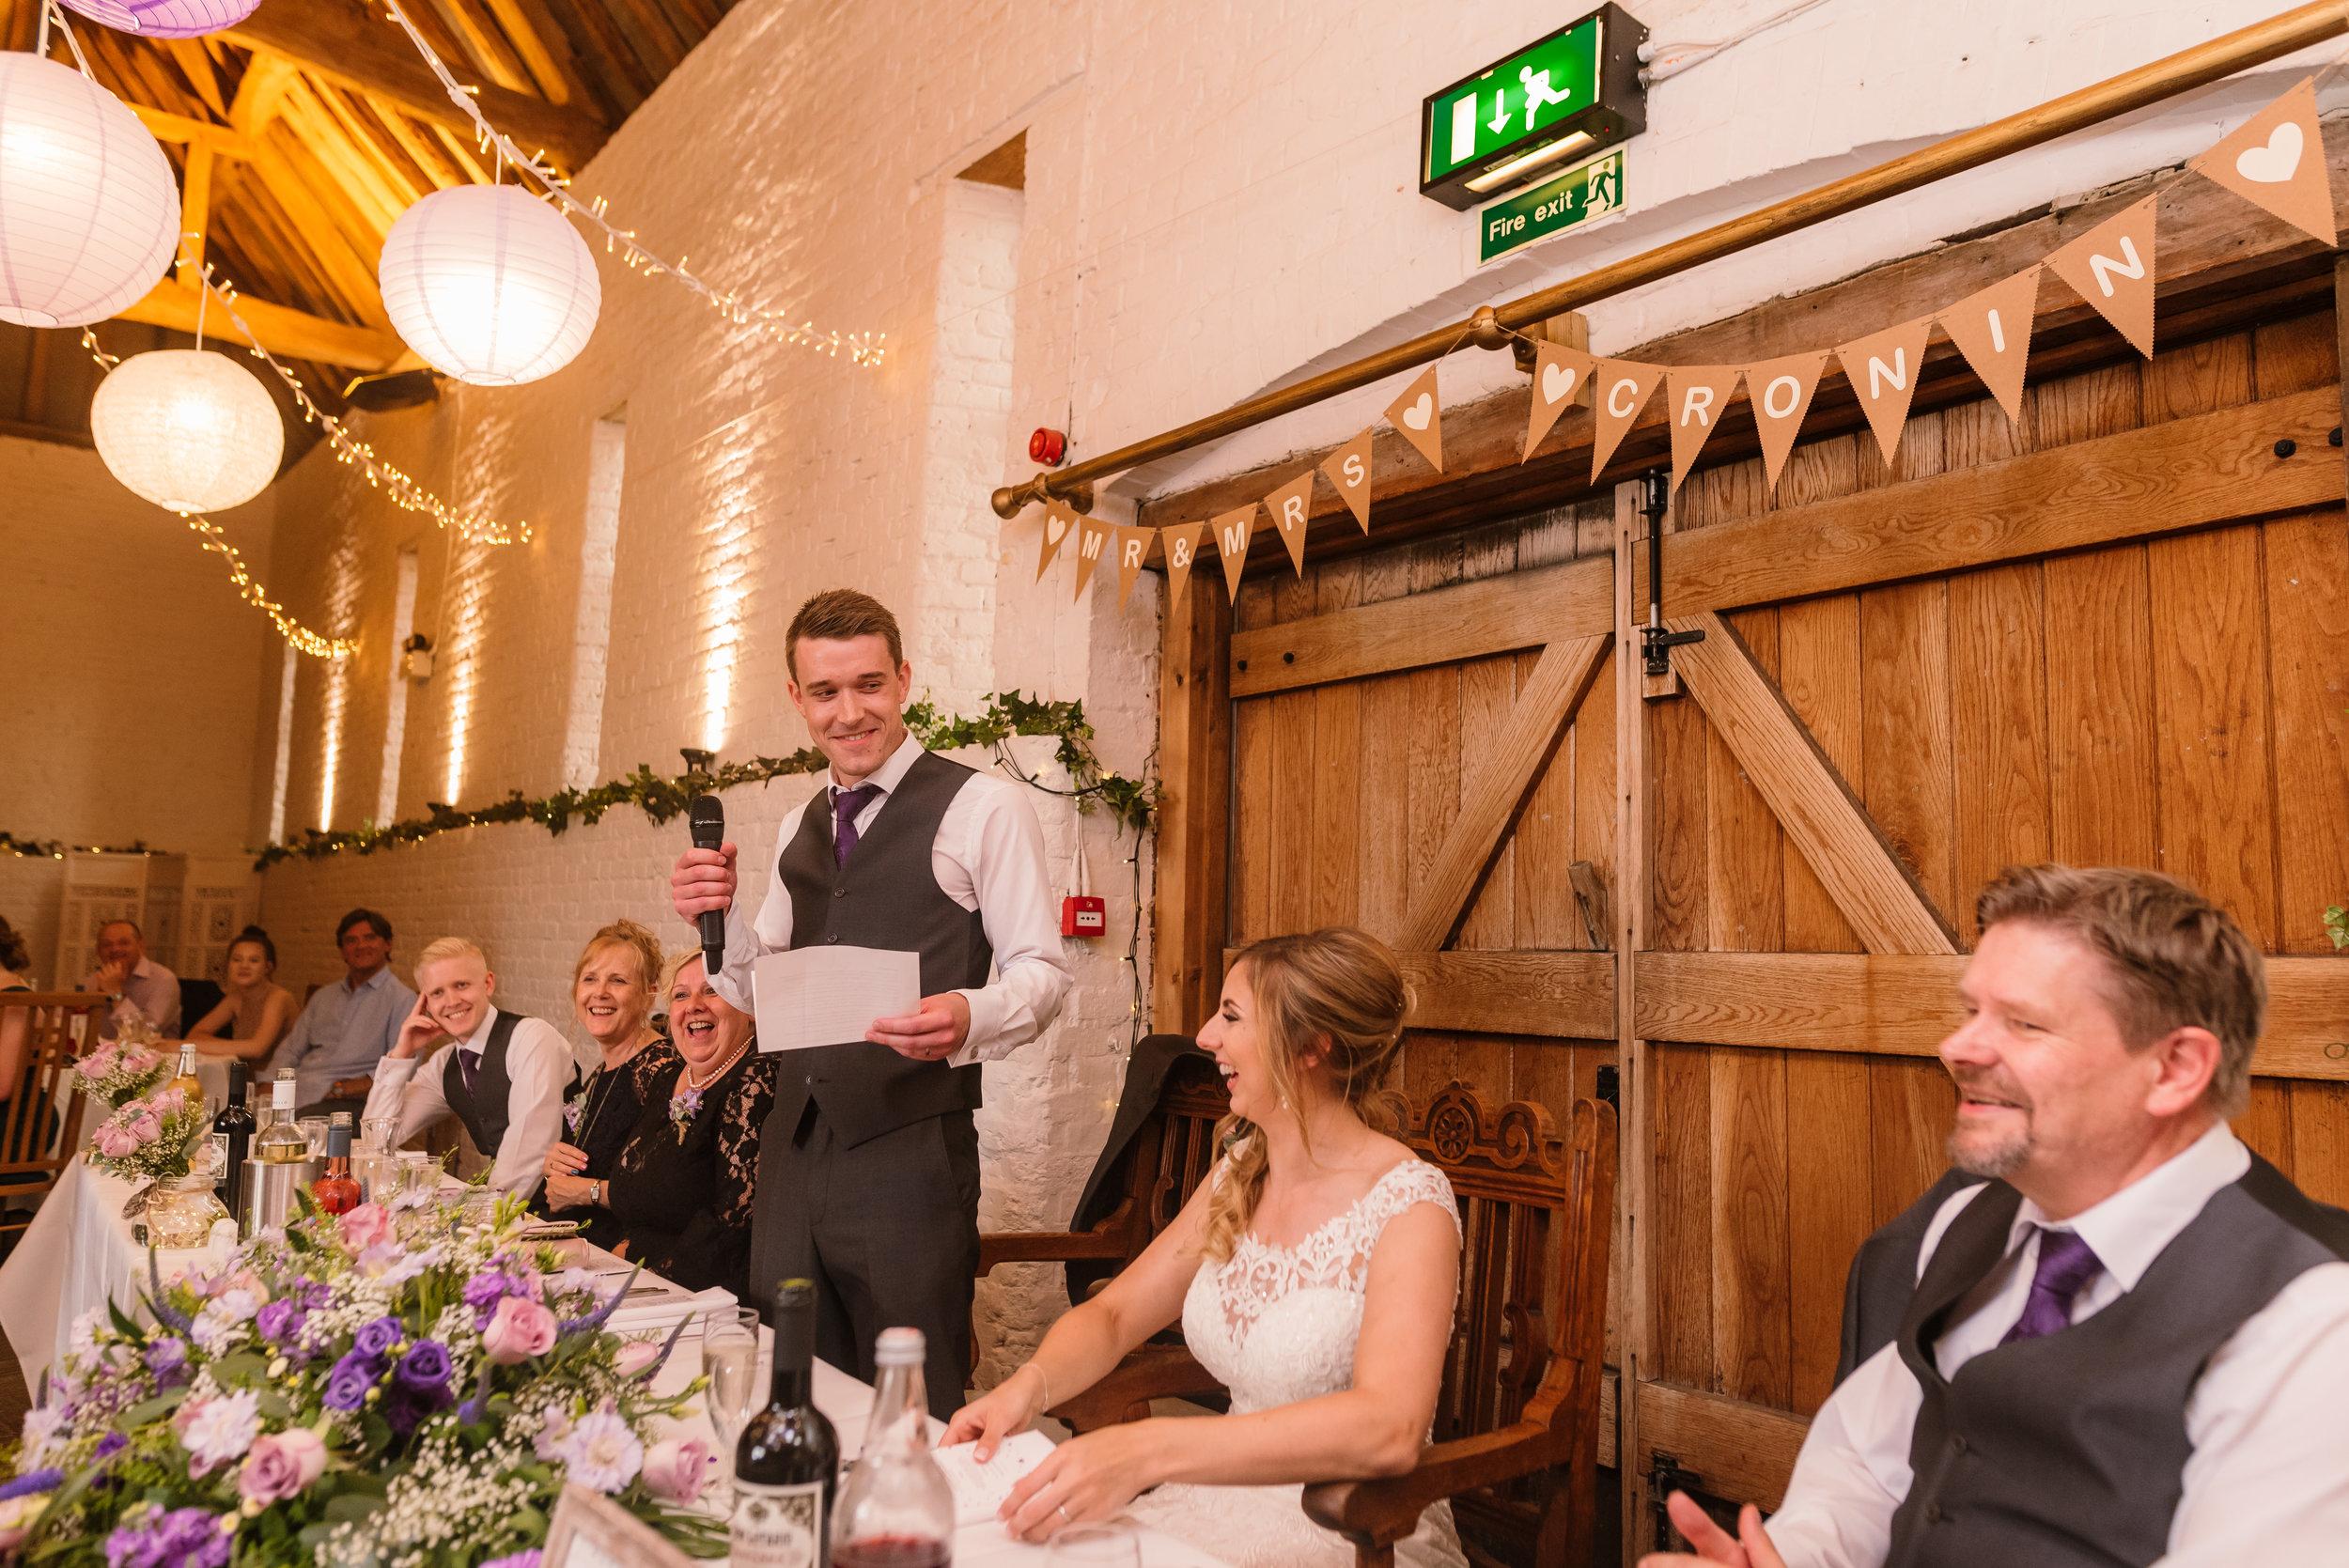 Hampshire Wedding Photographer Hampshire : Ufton-Court-Wedding : Barn-wedding-venue-hampshire : sarah-fishlock-photography : hampshire-barn-wedding-854.jpg